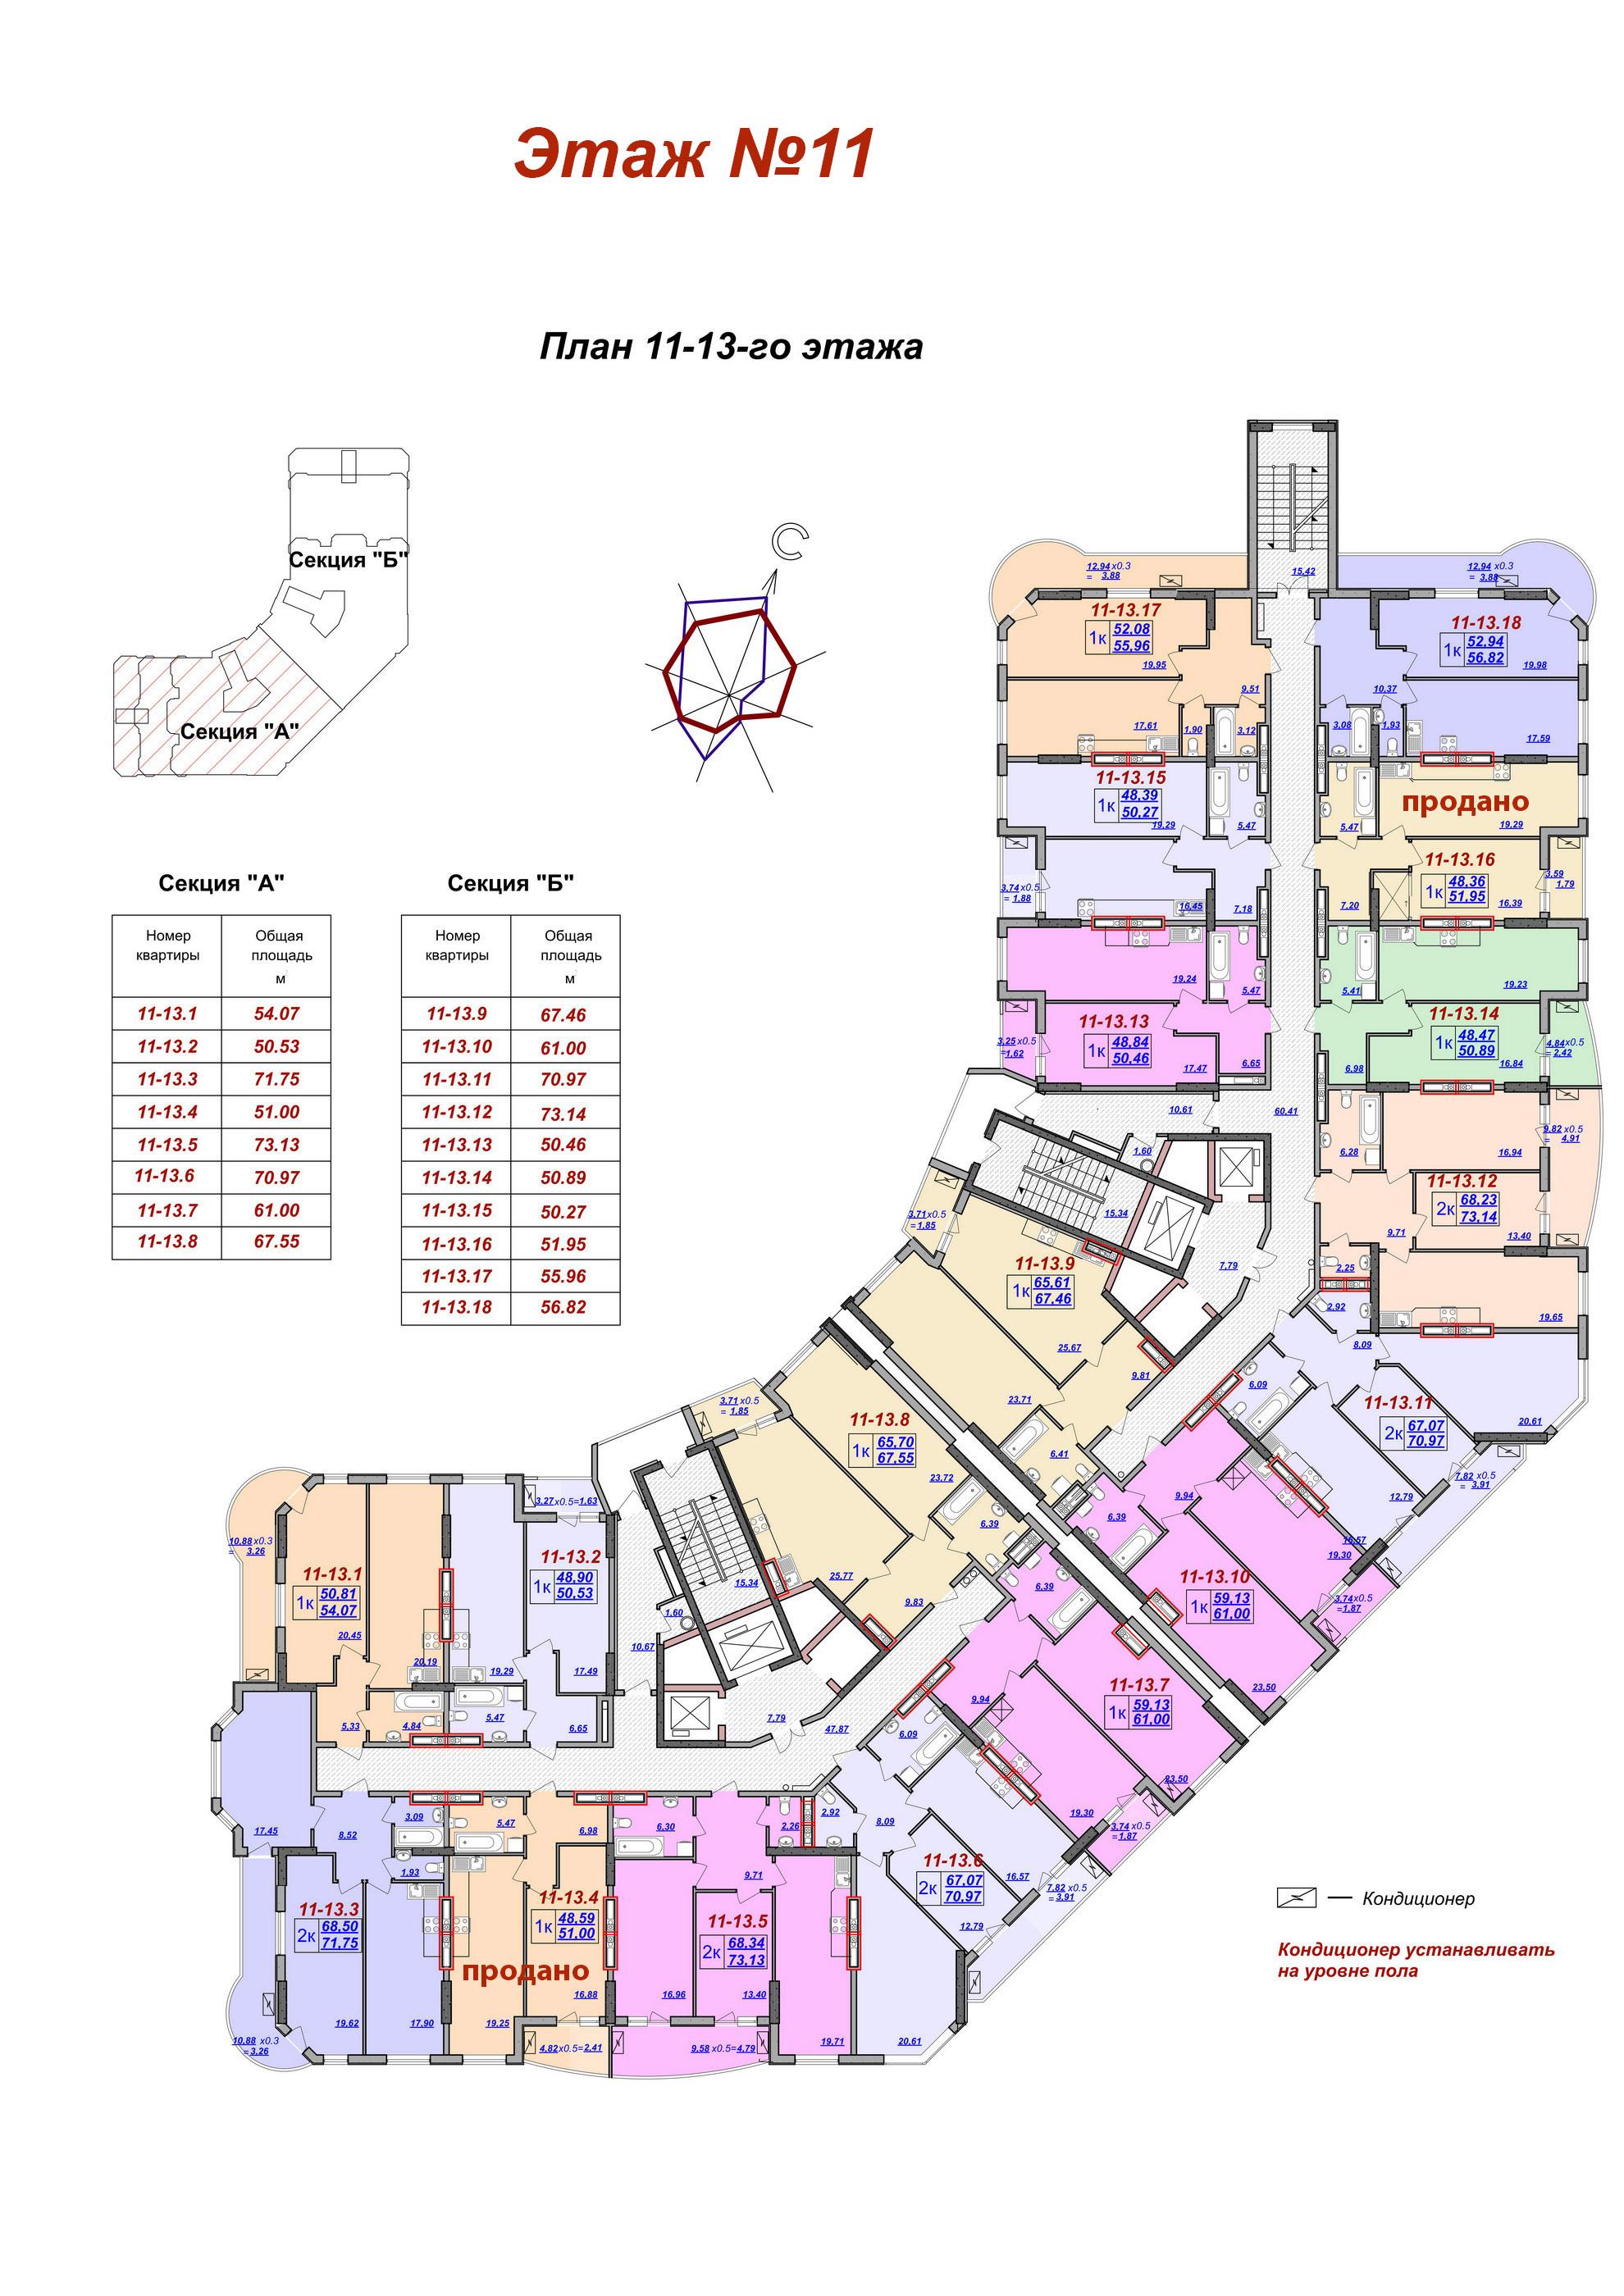 ЖК Милос планировка 11-13 этажей